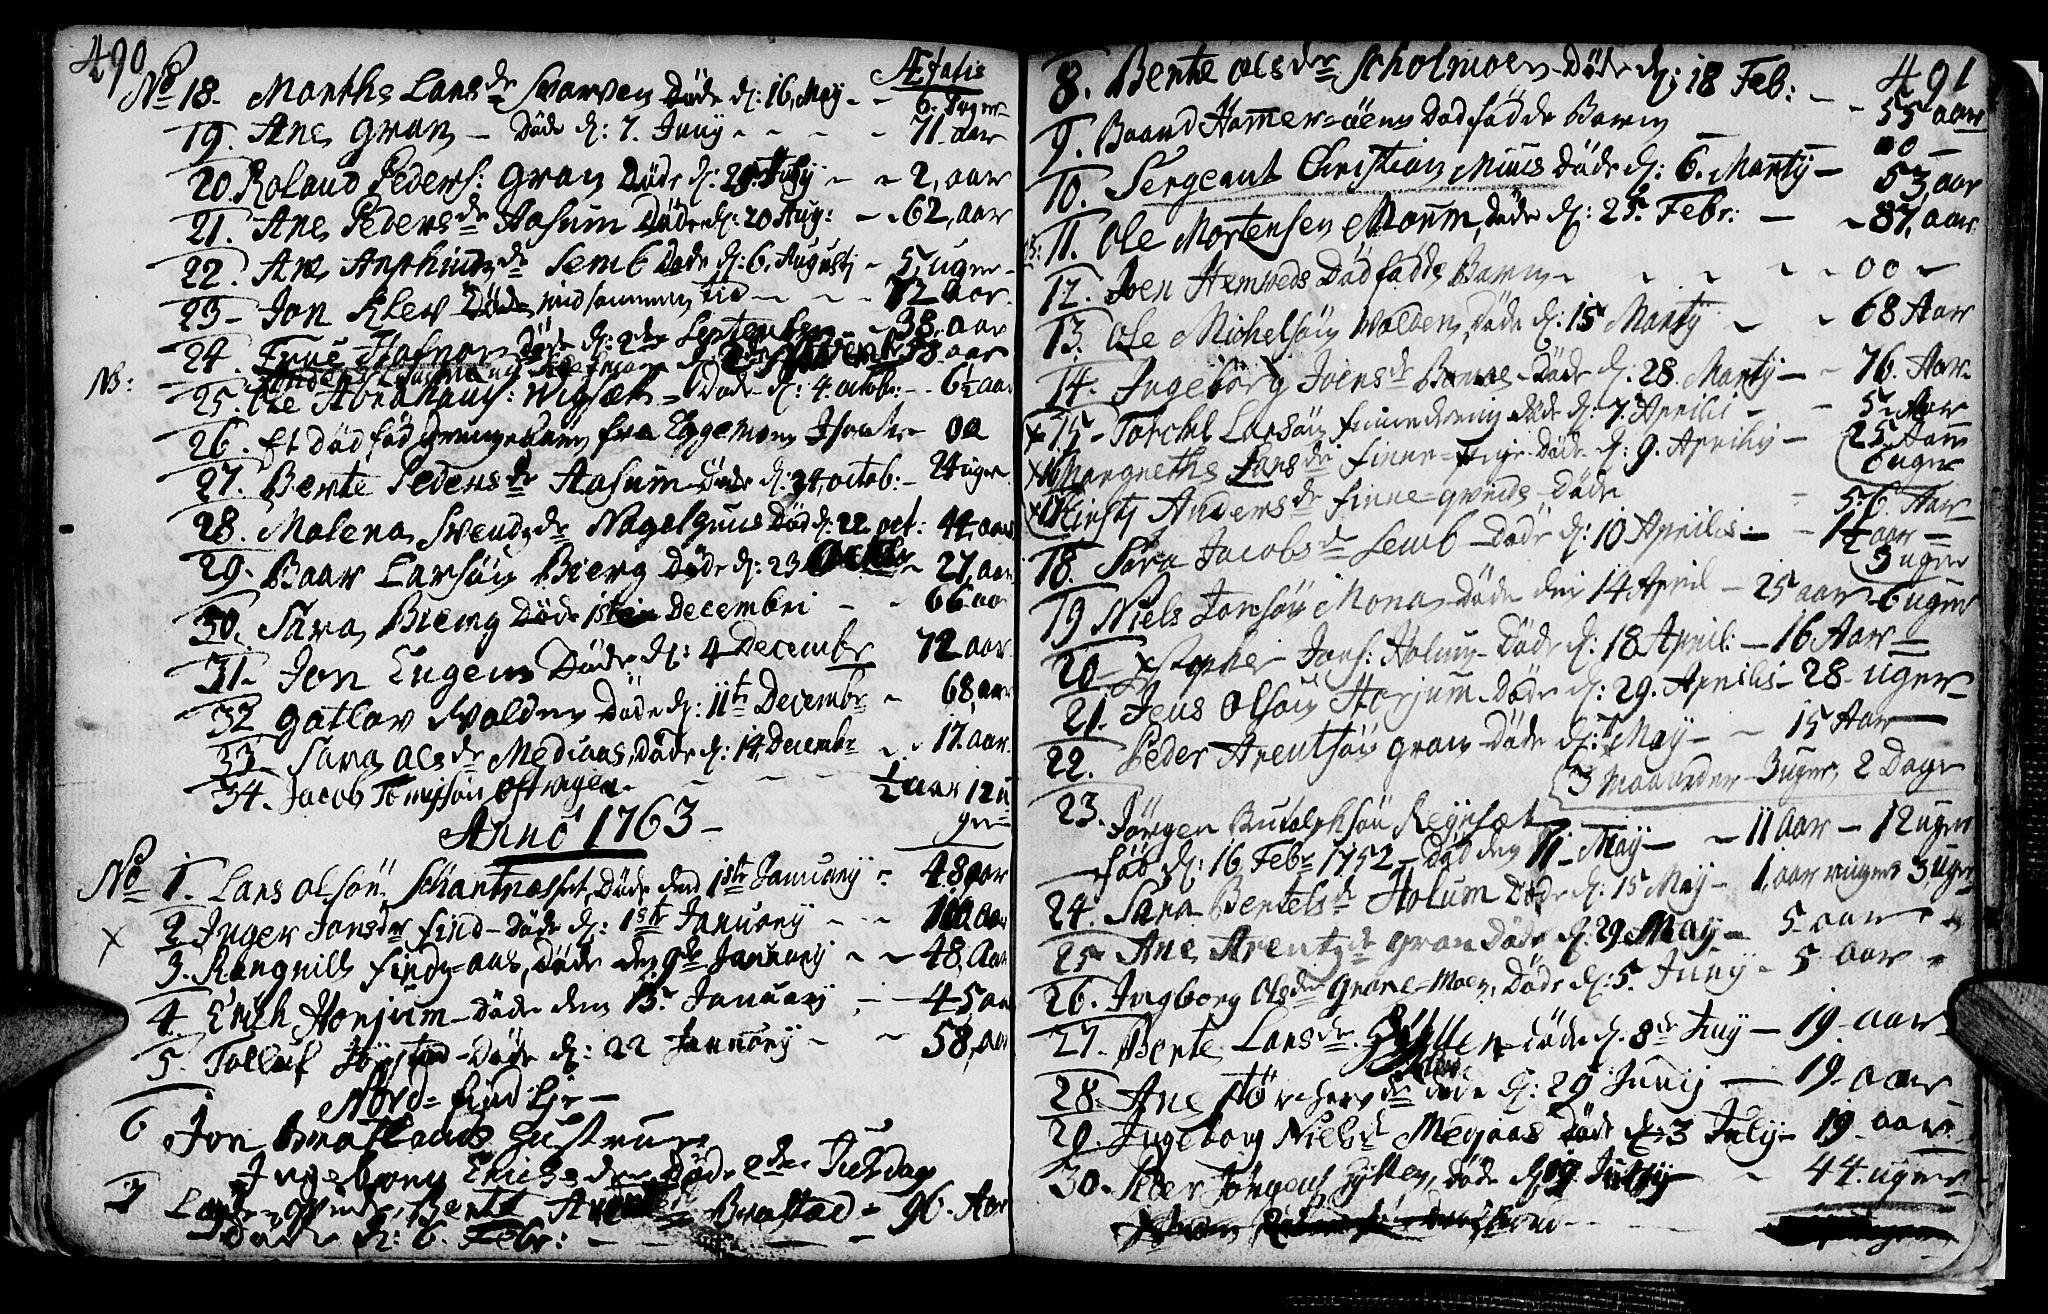 SAT, Ministerialprotokoller, klokkerbøker og fødselsregistre - Nord-Trøndelag, 749/L0467: Ministerialbok nr. 749A01, 1733-1787, s. 490-491